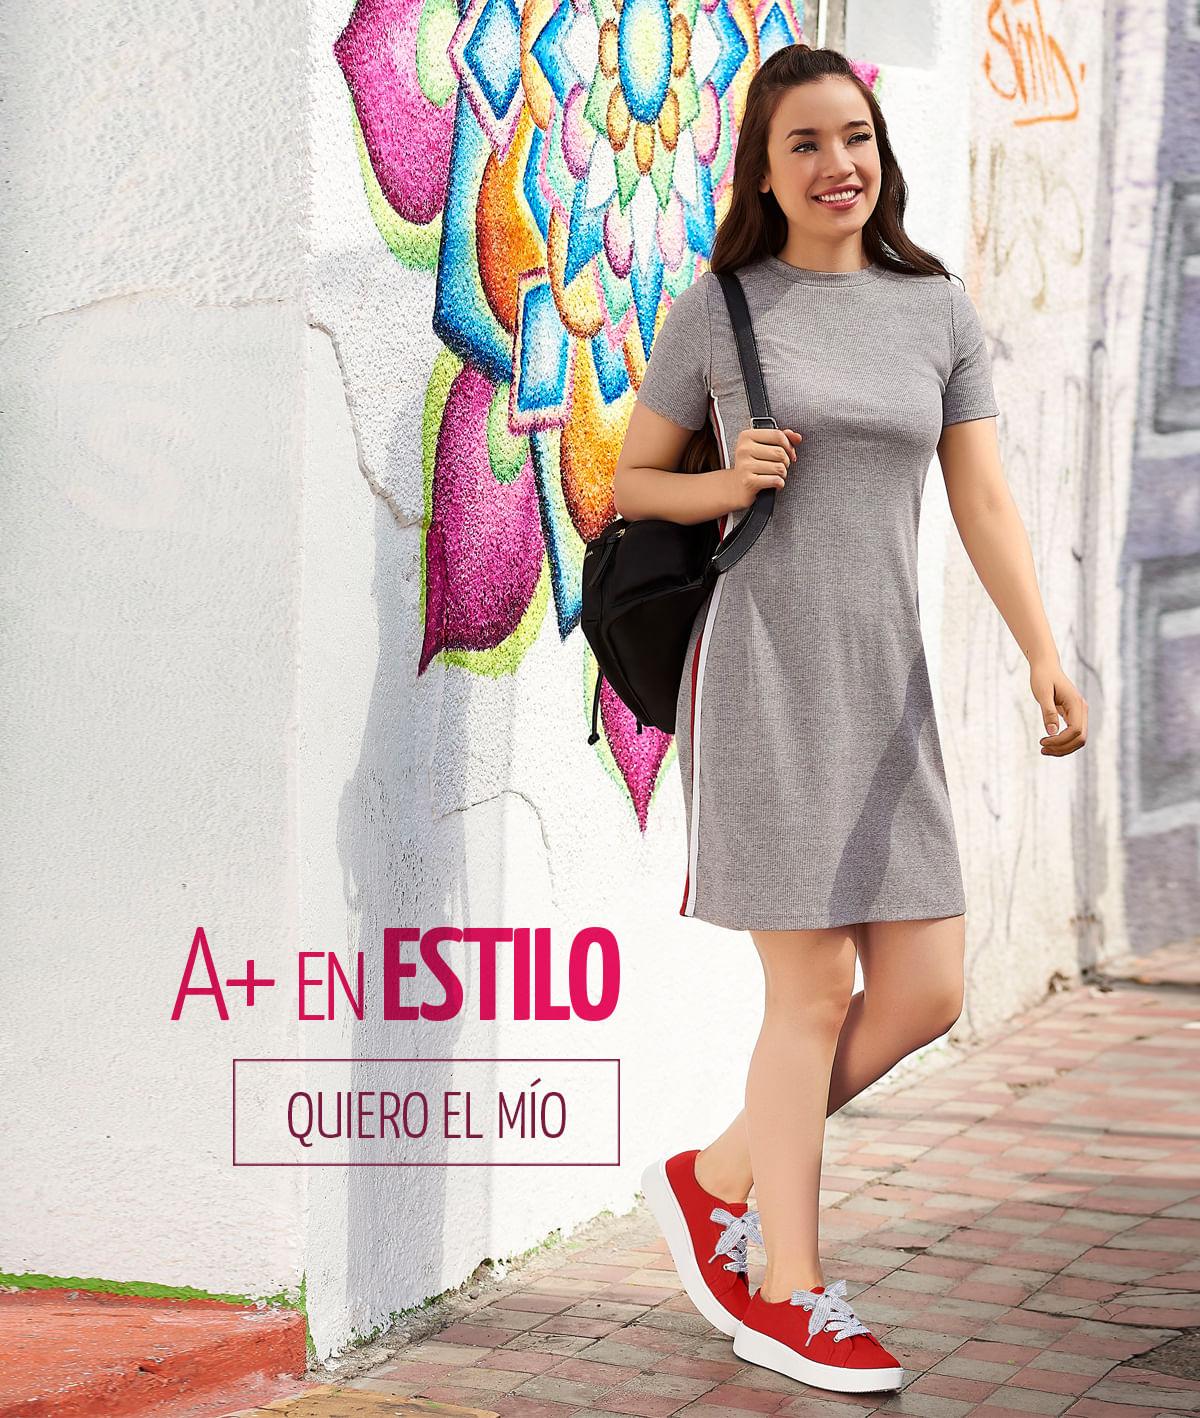 cc242476d4fe Andrea | Tienda Online | Zapatos, Ropa y Accesorios.